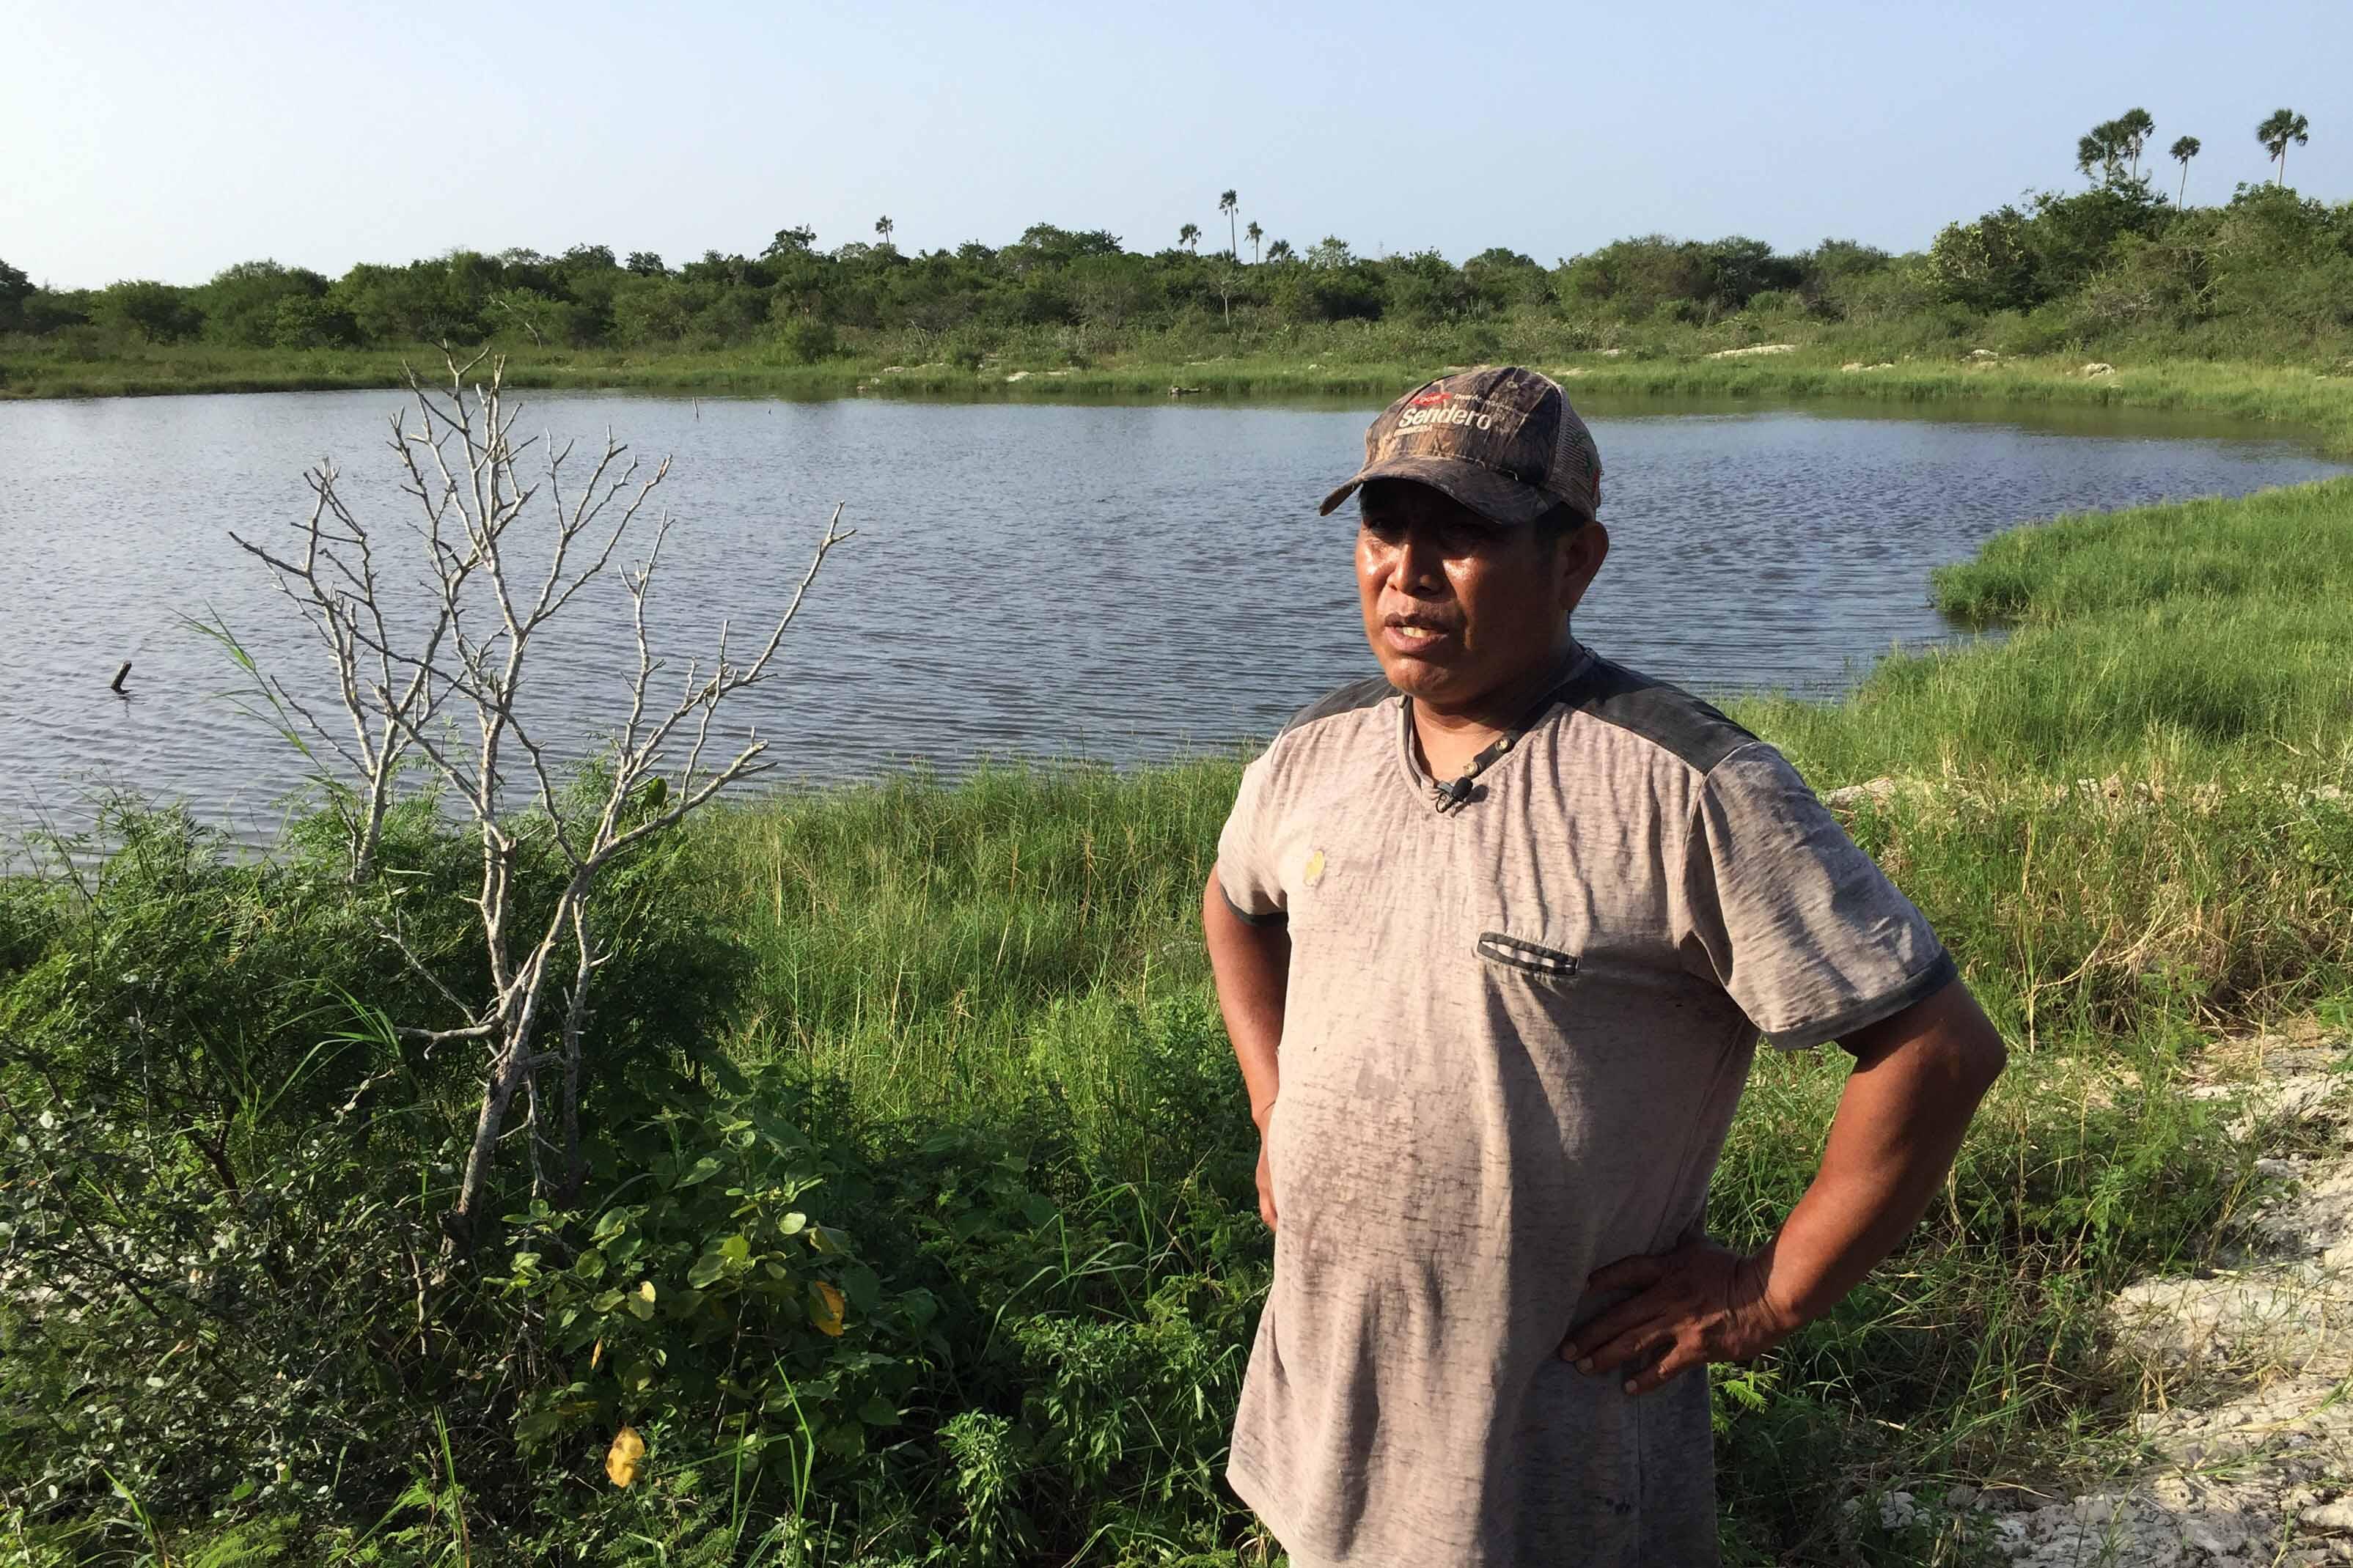 Marco Antonio Cupul - Delincuente Ecológico: abejas amenazadas 261018 - El Apicultor Español: Actitud y Aptitud Apícola